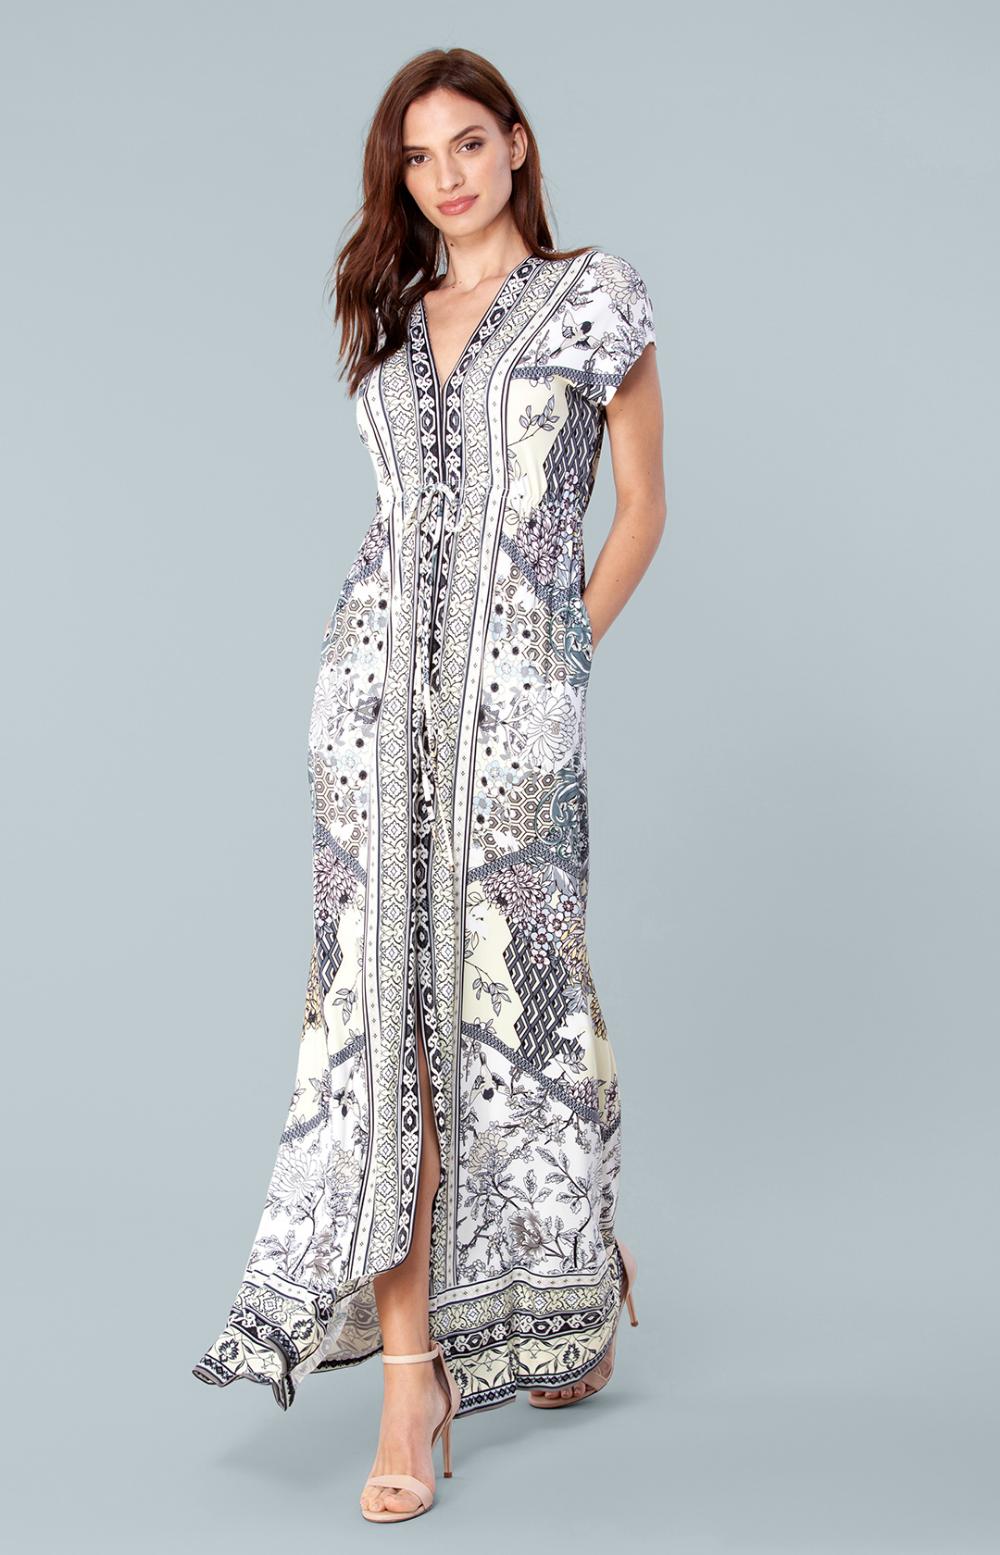 Hale Bob Orchid Nouveau Paisley Dress | Hale bob dresses